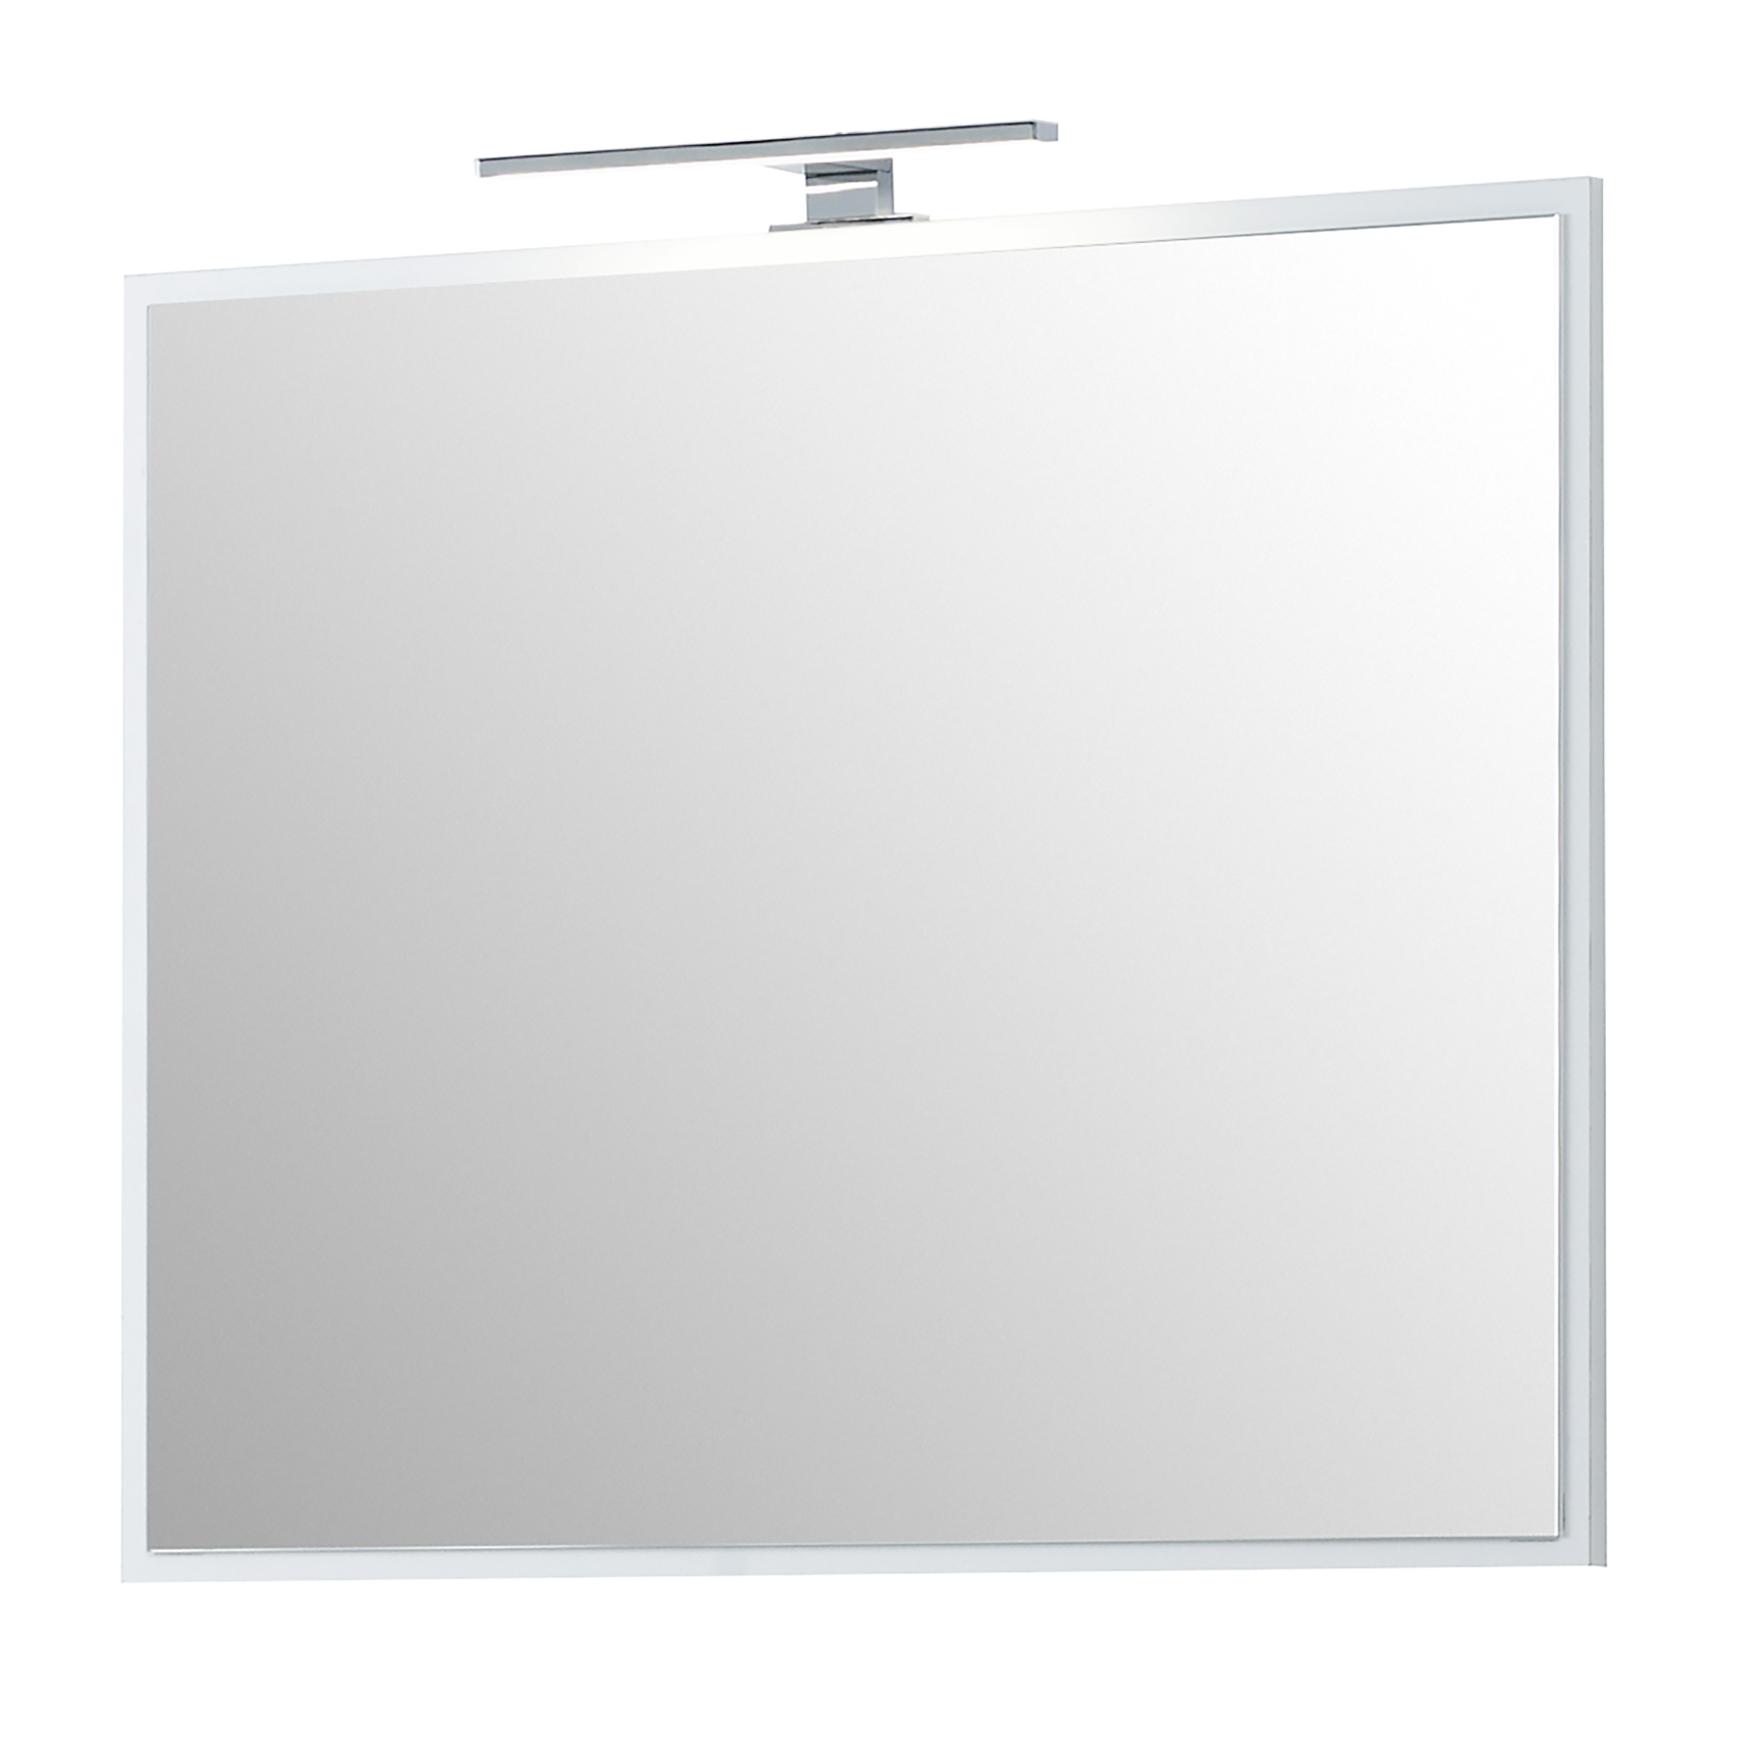 Spiegelpaneel MONTREAL Badezimmer-Spiegel Badspiegel Mit